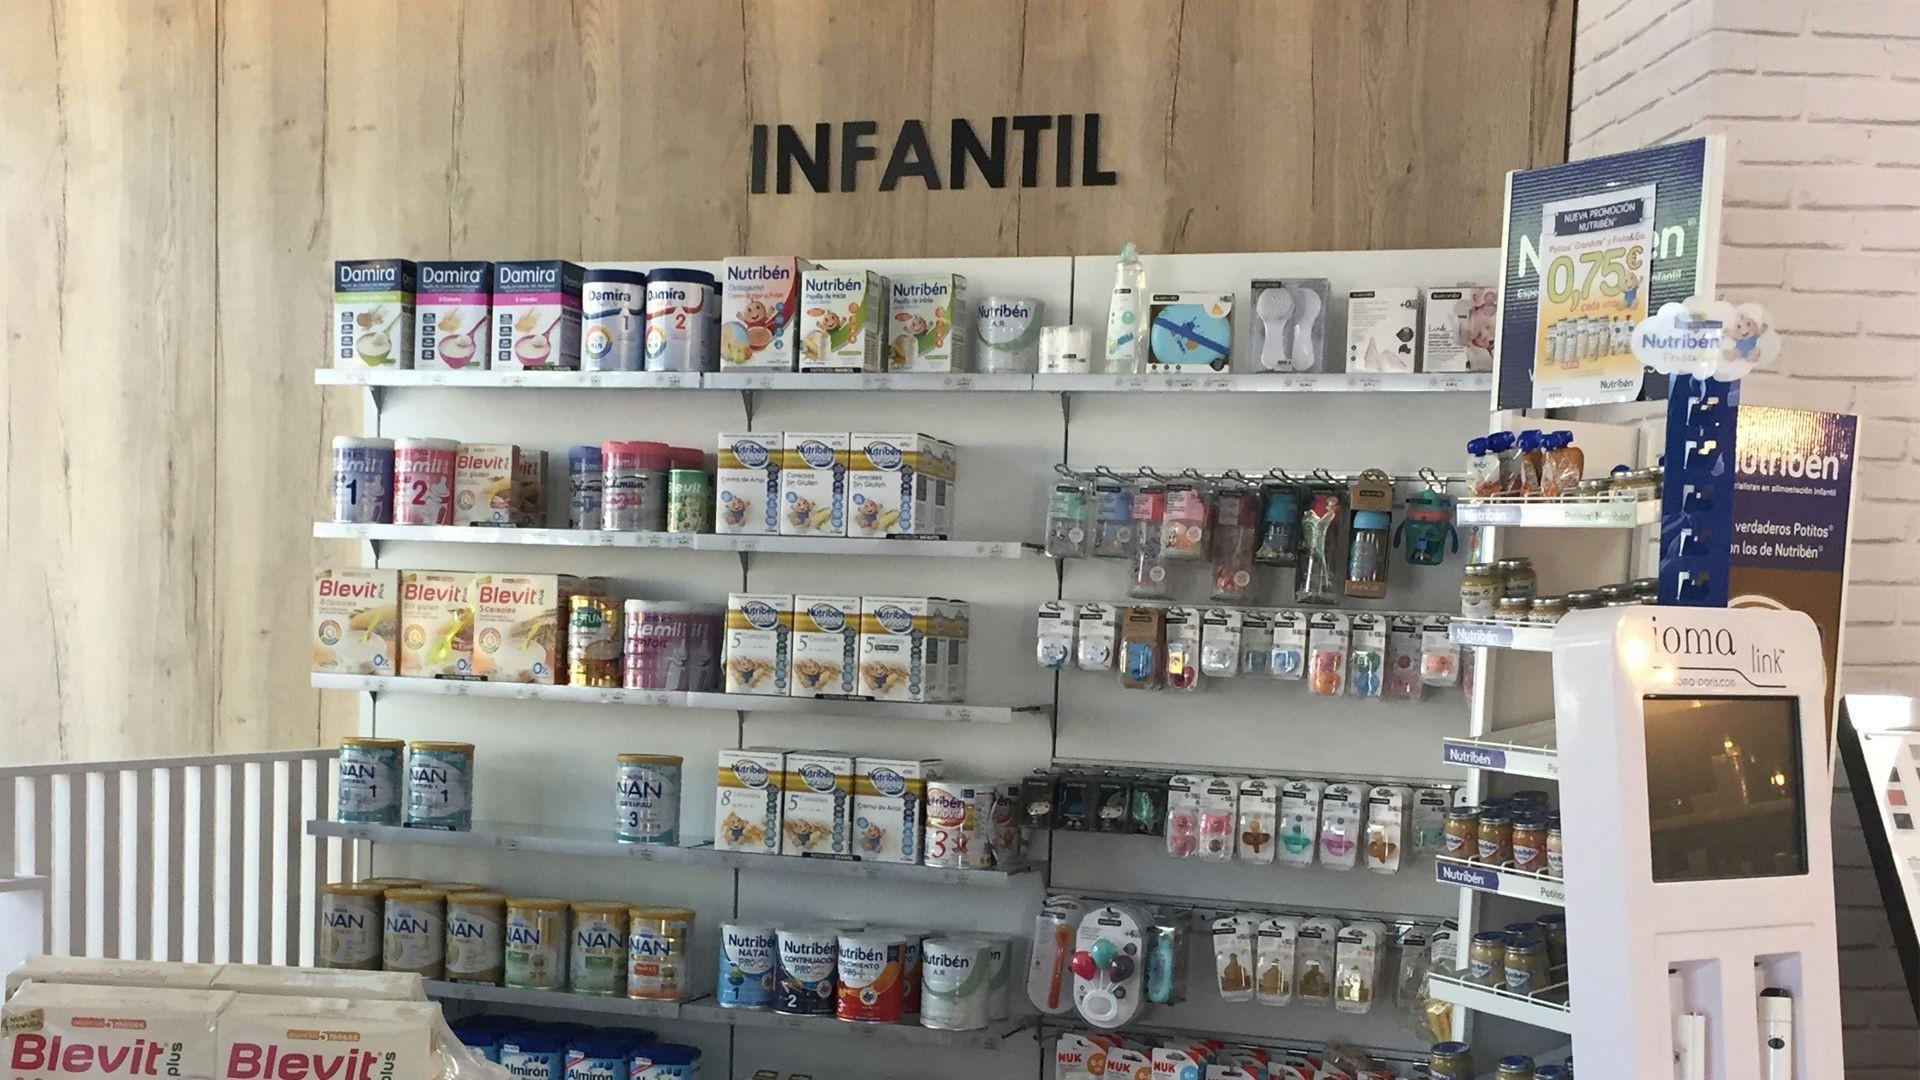 Farmacia con productos infantiles en Ciudad Real